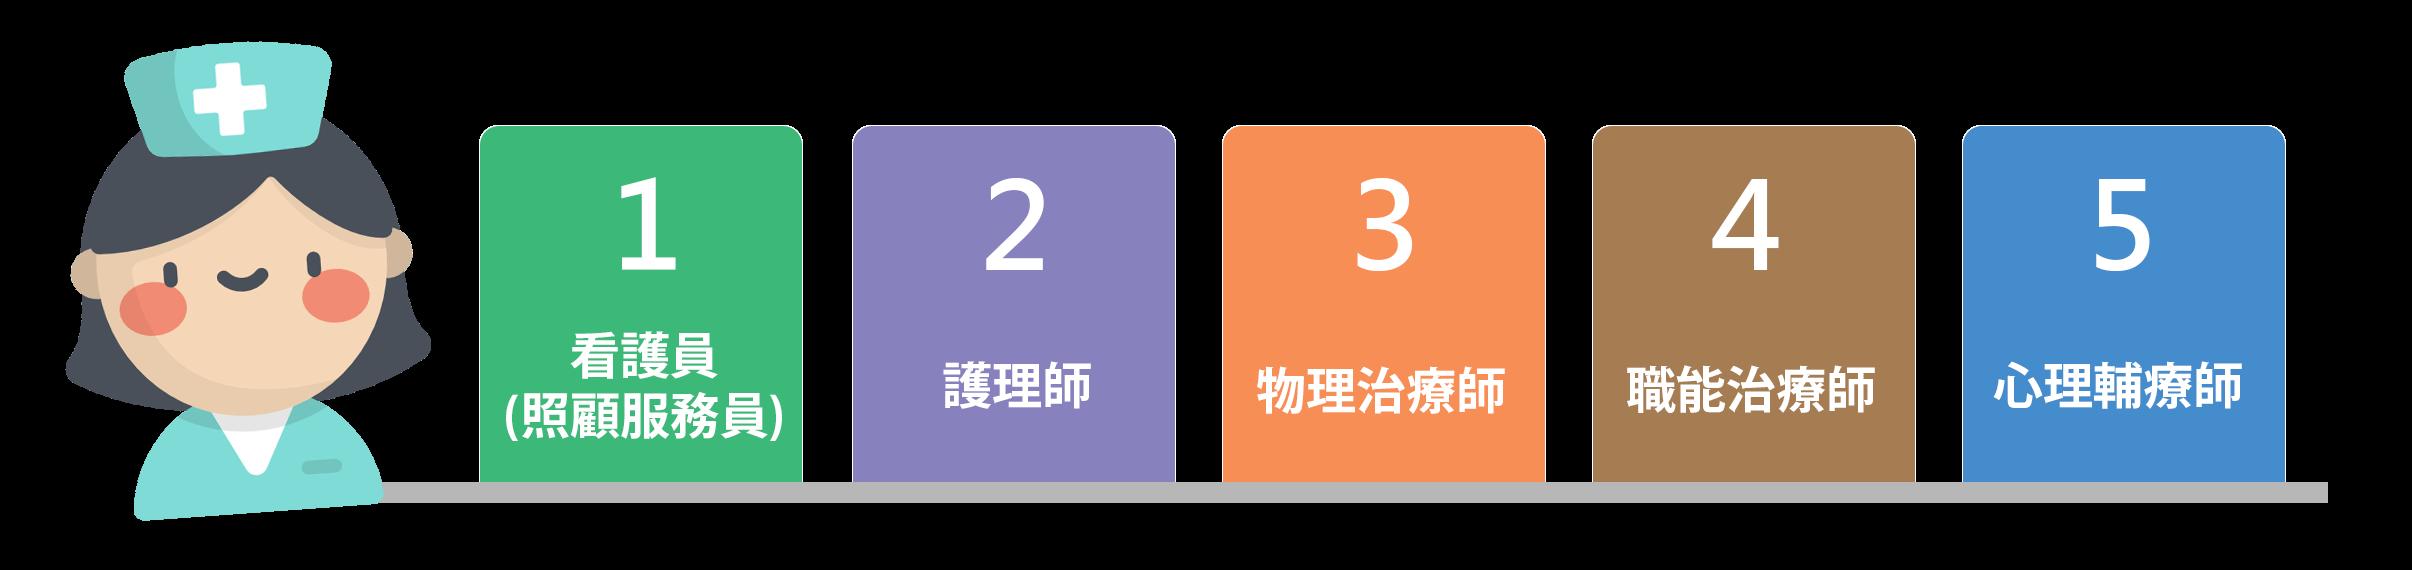 5大照顧服務產業